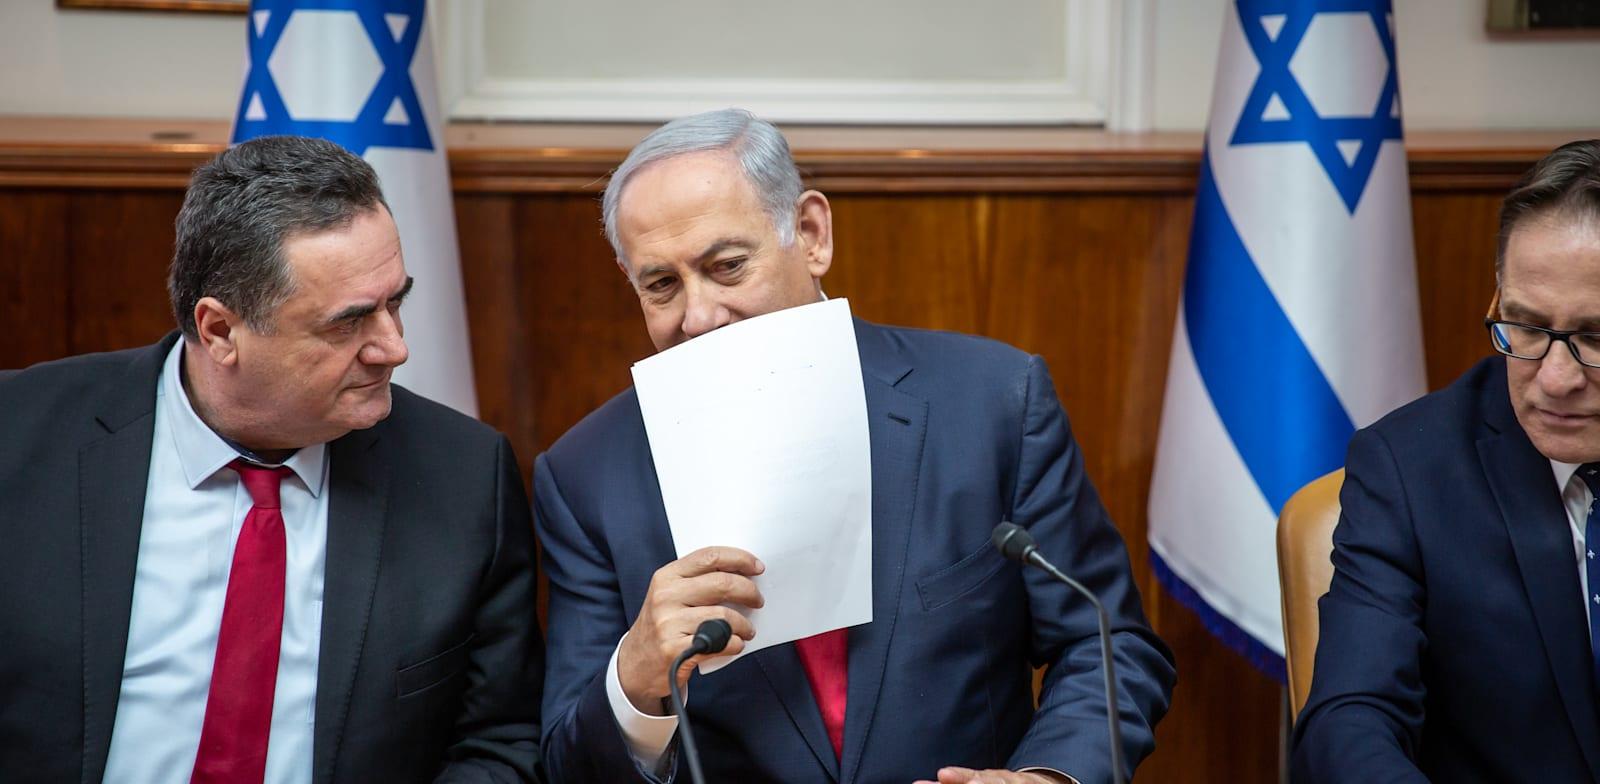 """ראש הממשלה בנימין נתניהו ושר האוצר ישראל כ""""ץ / צילום: אמיל סלמן, """"הארץ"""""""